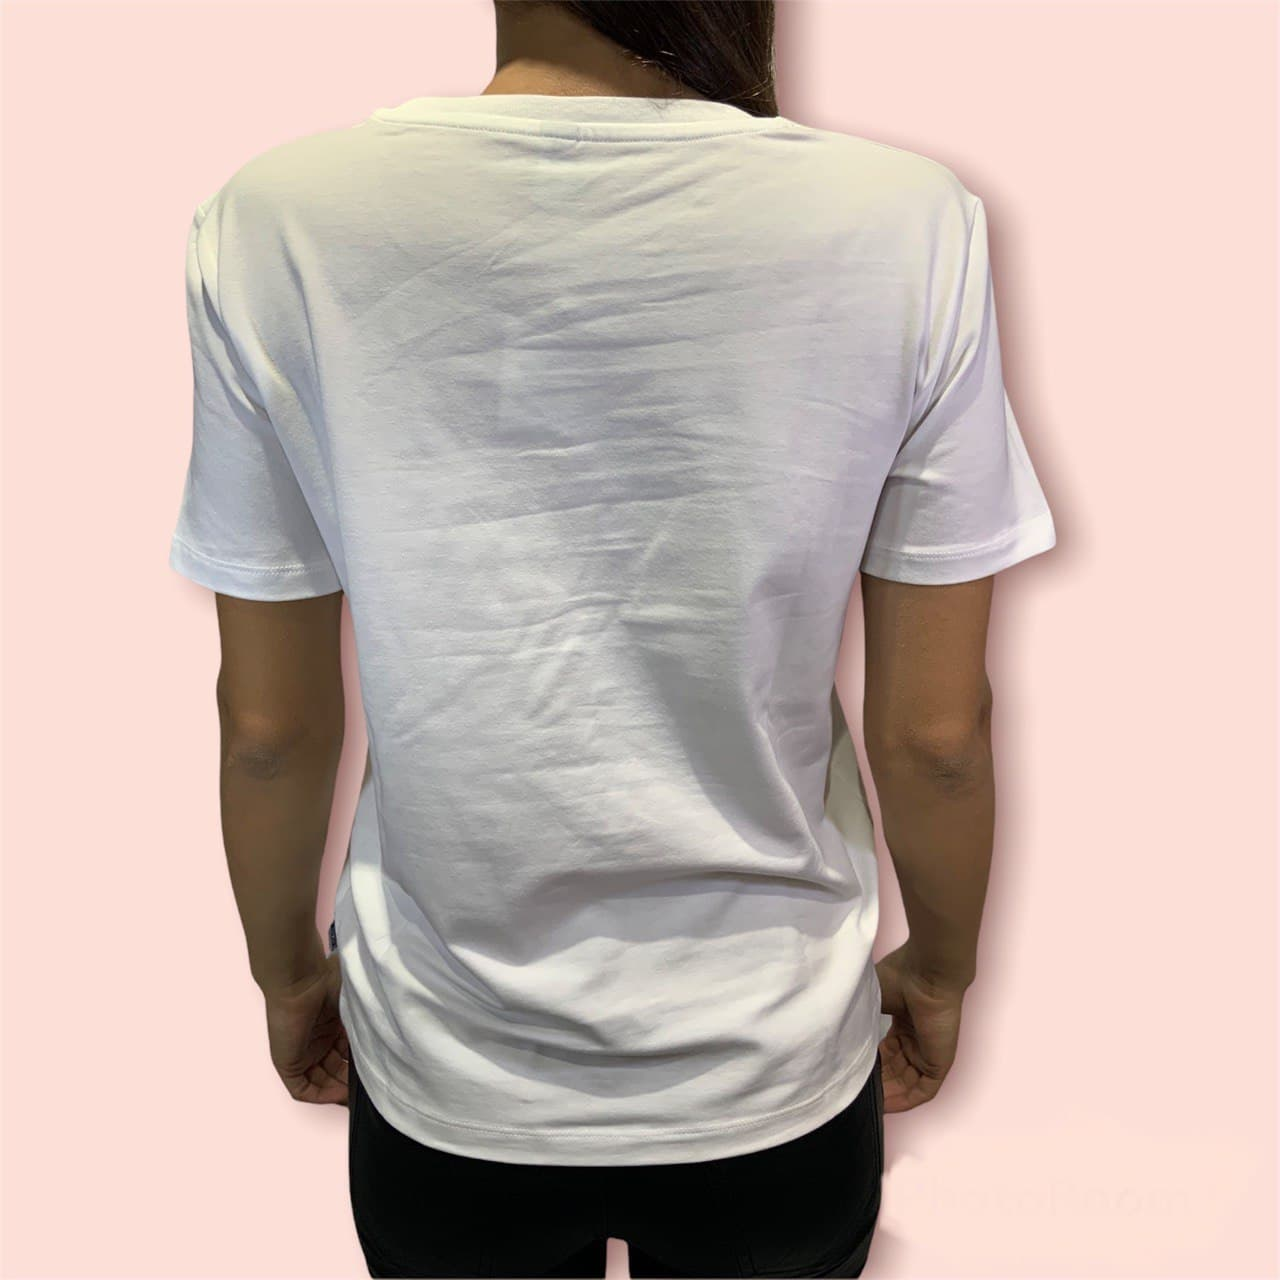 MOSCHINO UNDERWEAR | T-shirt | A19219030001